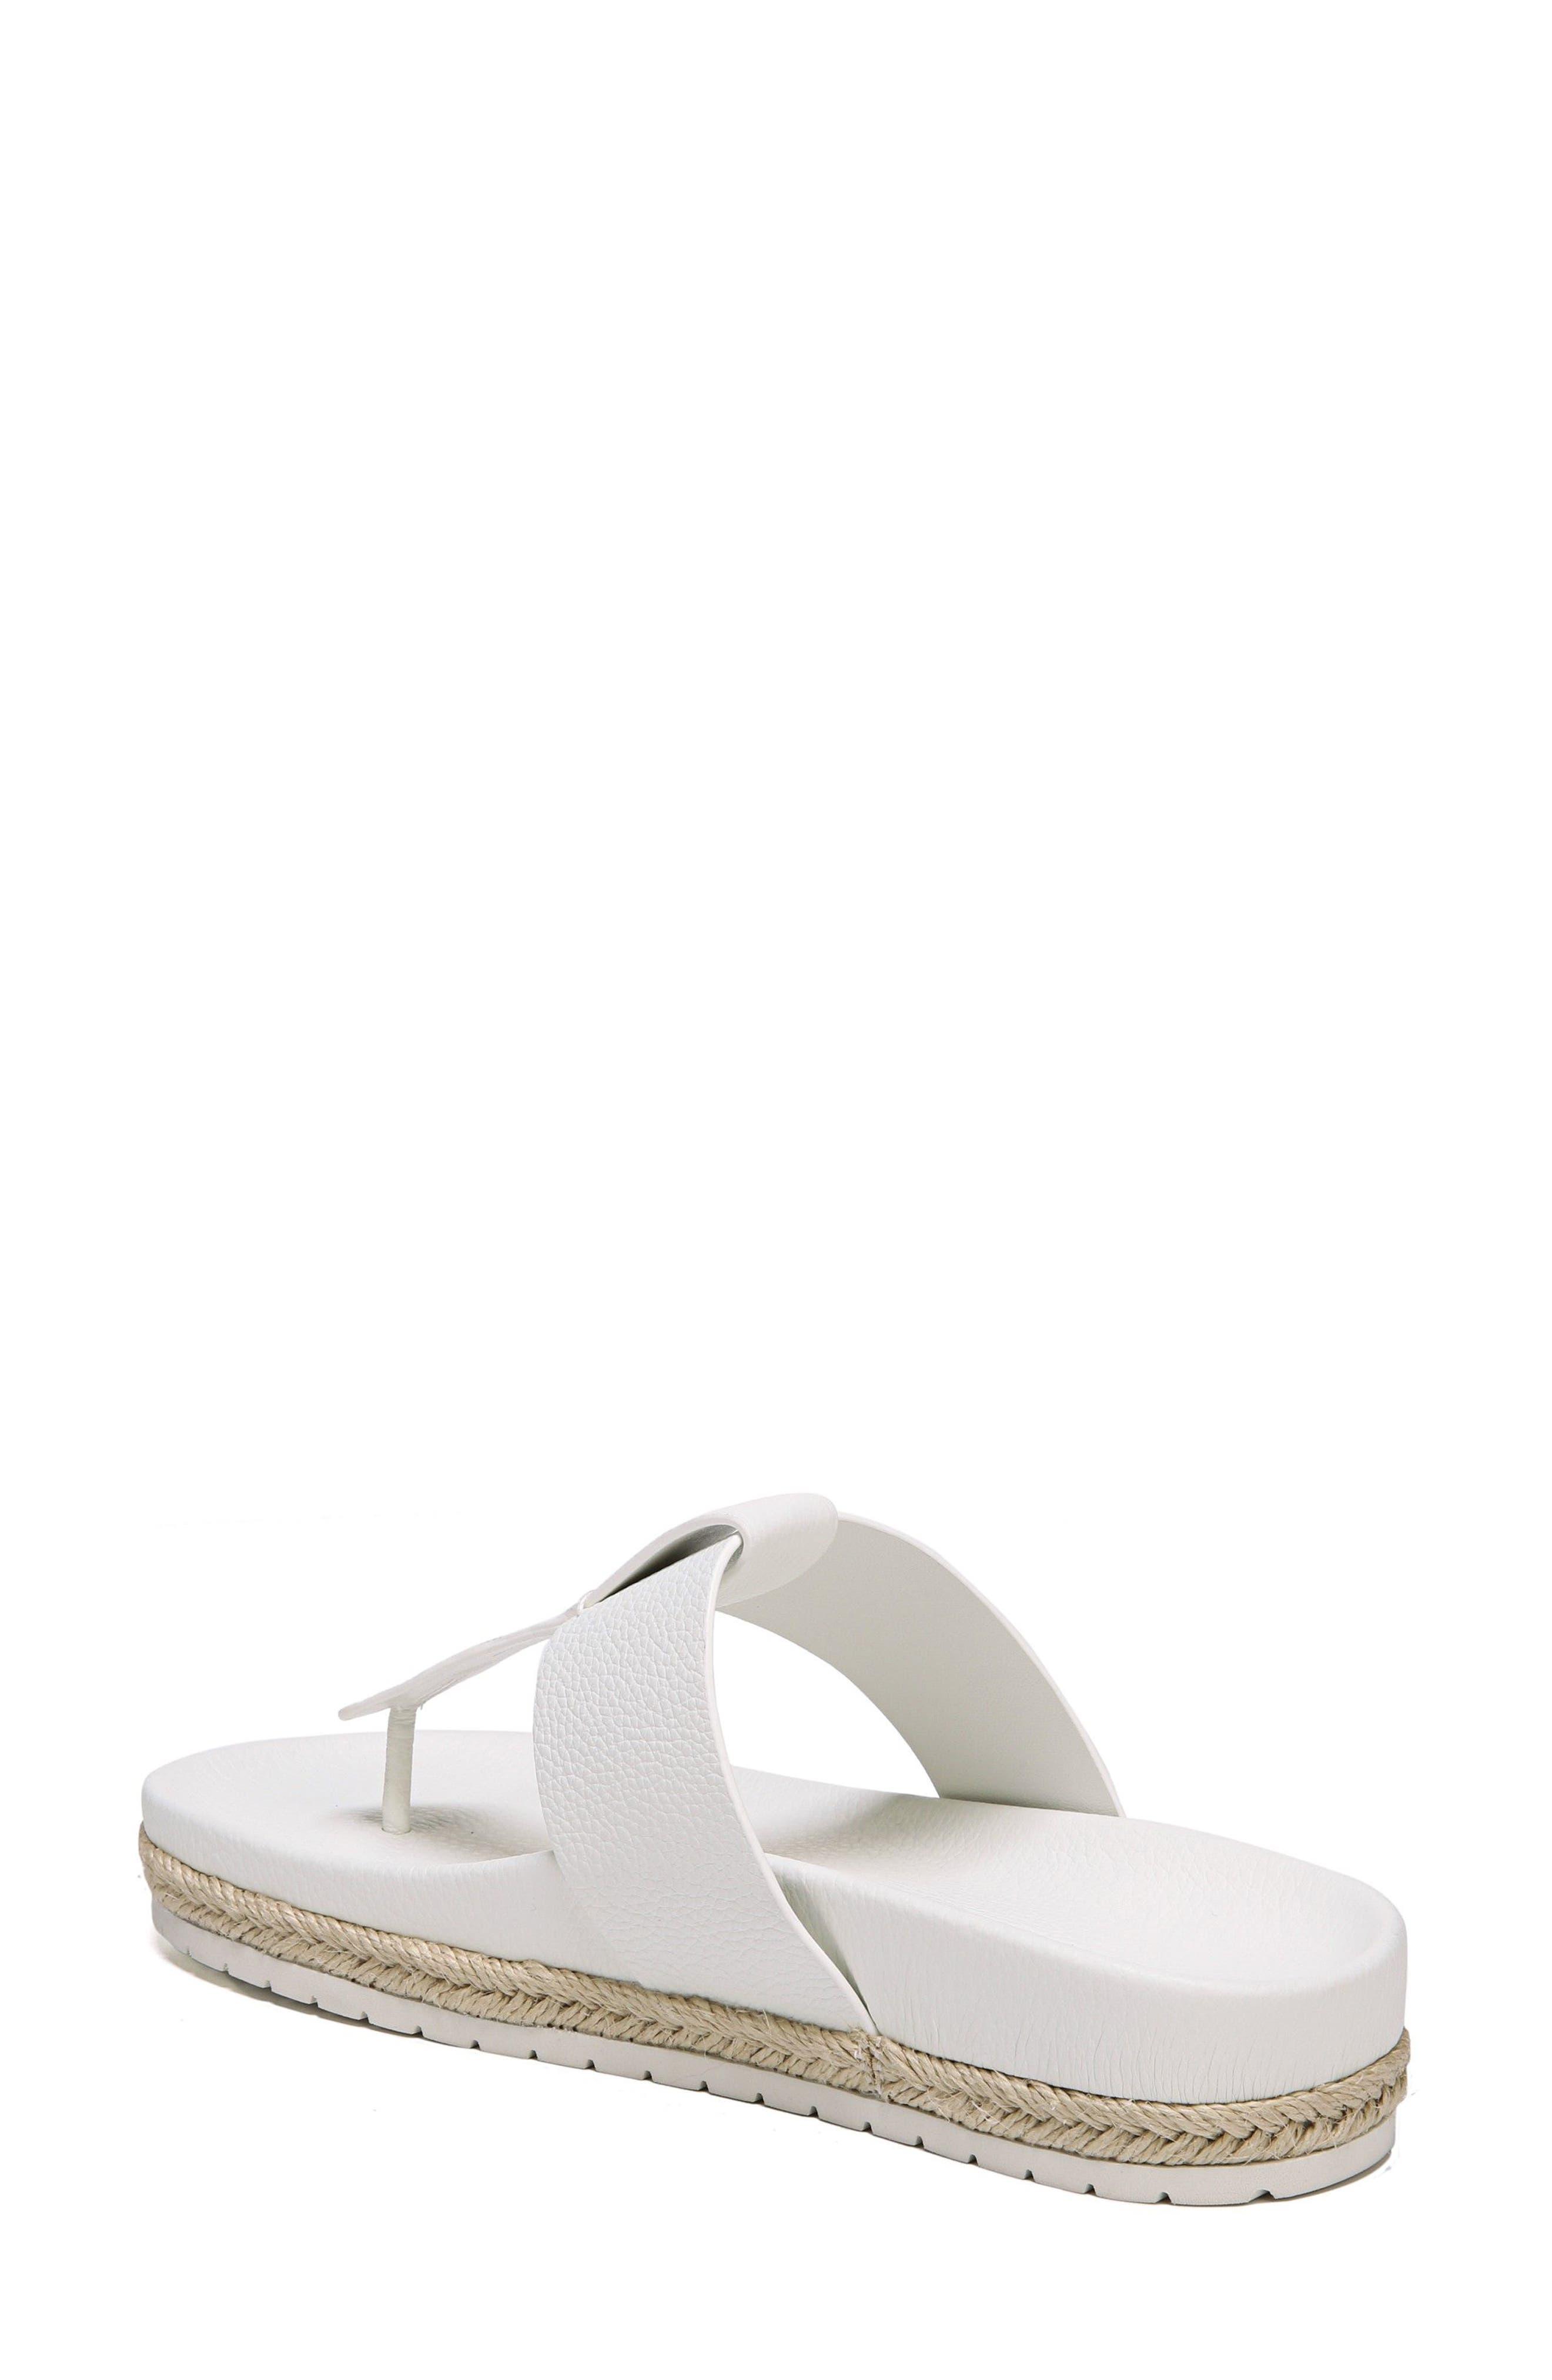 Avani T-Strap Flat Sandal,                             Alternate thumbnail 7, color,